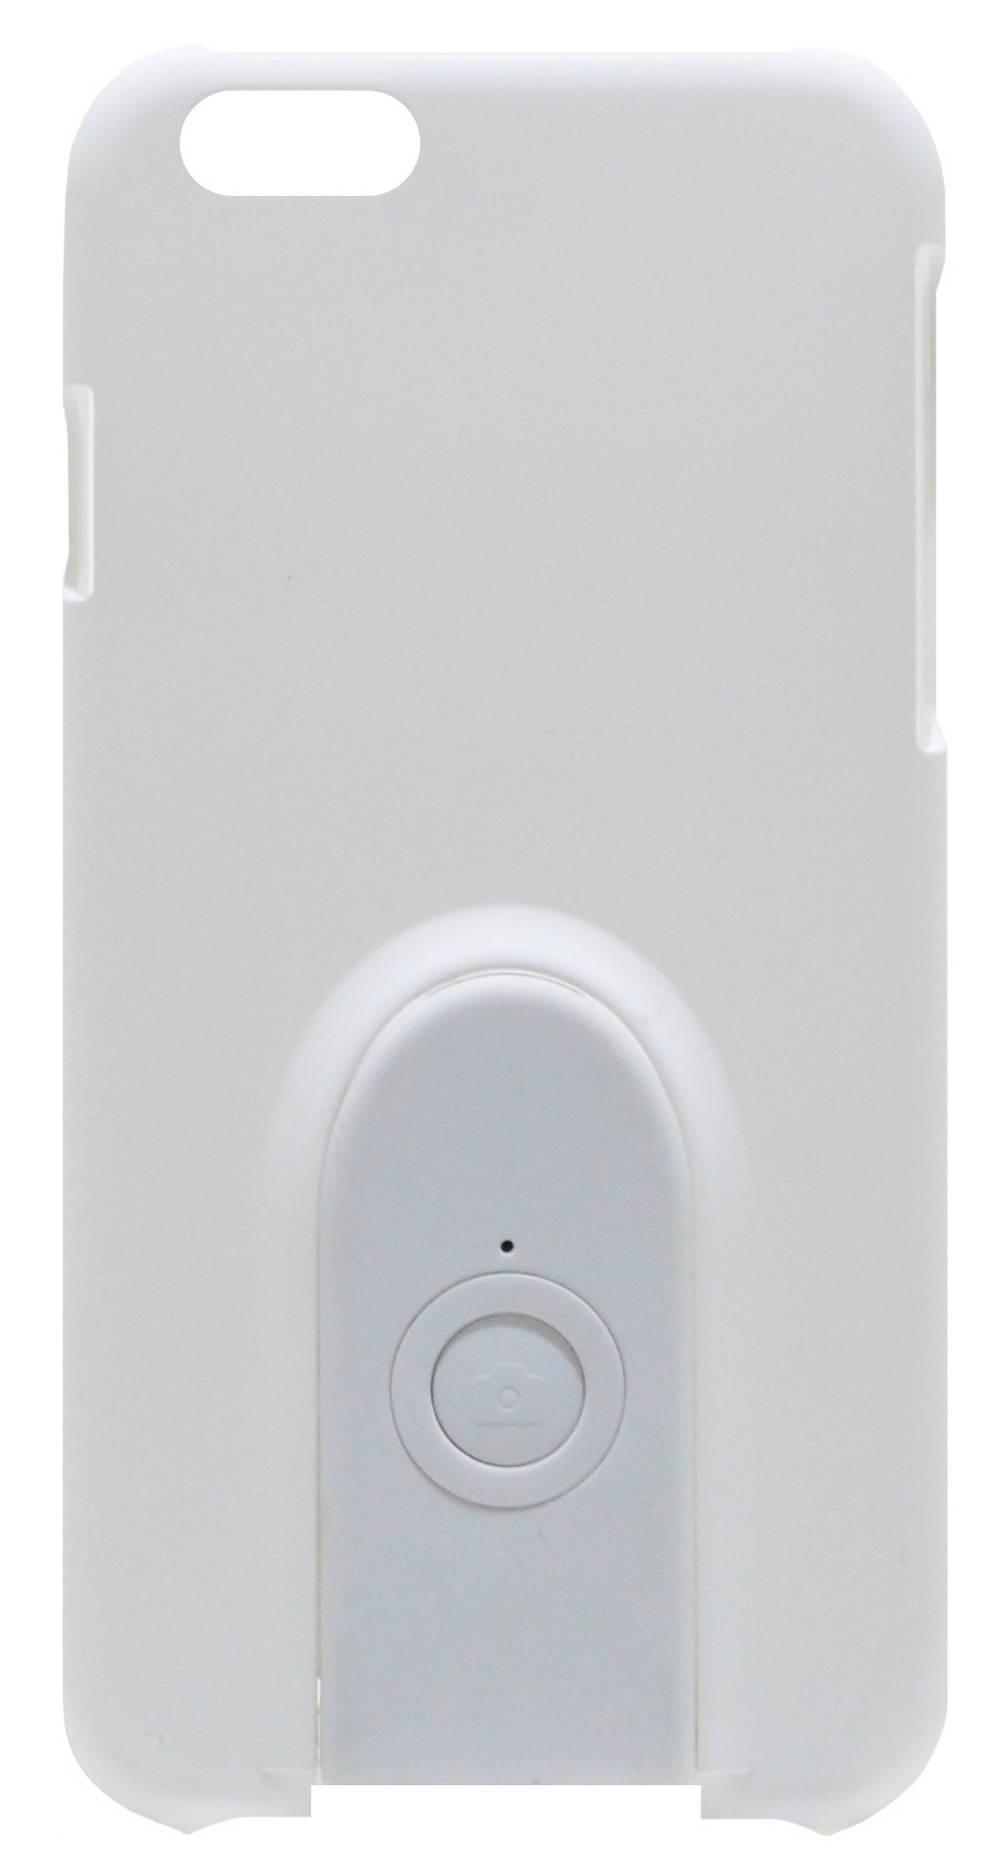 Θήκη Faceplate Monopod Wireless Selfie για Apple iPhone 6/6S Velvet Feel Λευκή με Αποσπώμενο Χειριστήριο Bluetooth